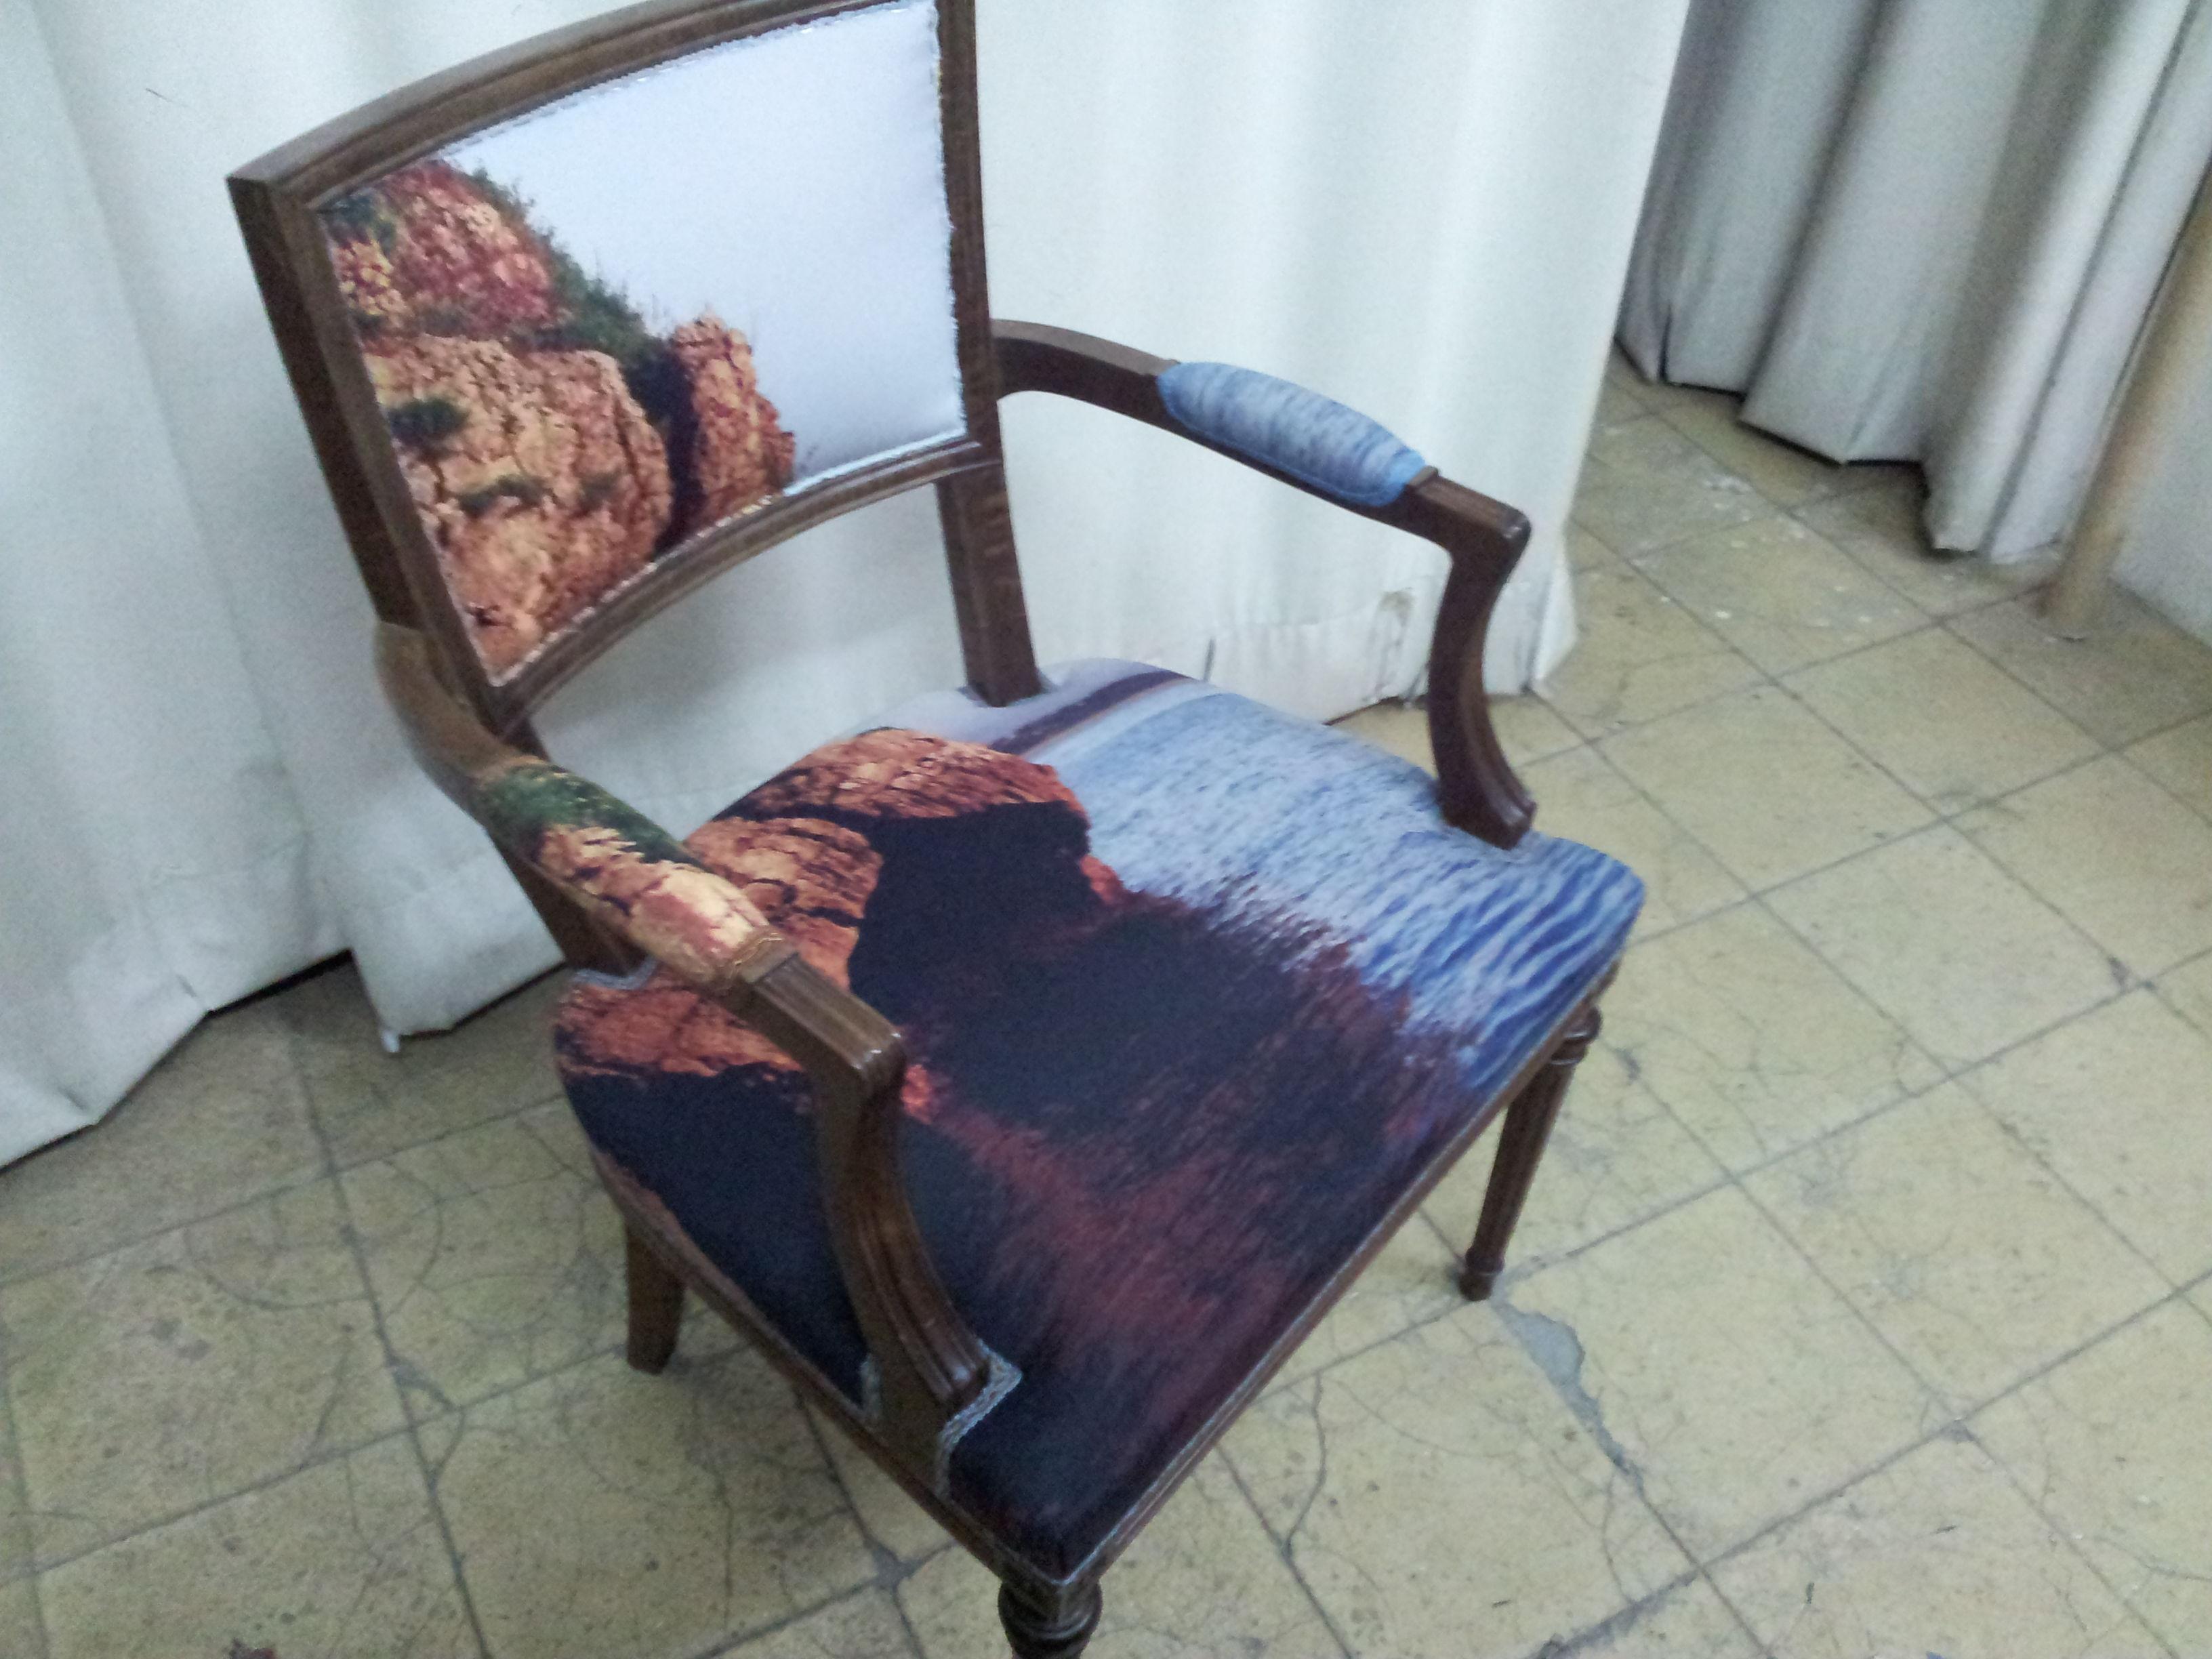 Tus muebles en remate obtenga ideas dise o de muebles para su hogar aqu - Alfombras baratas malaga ...